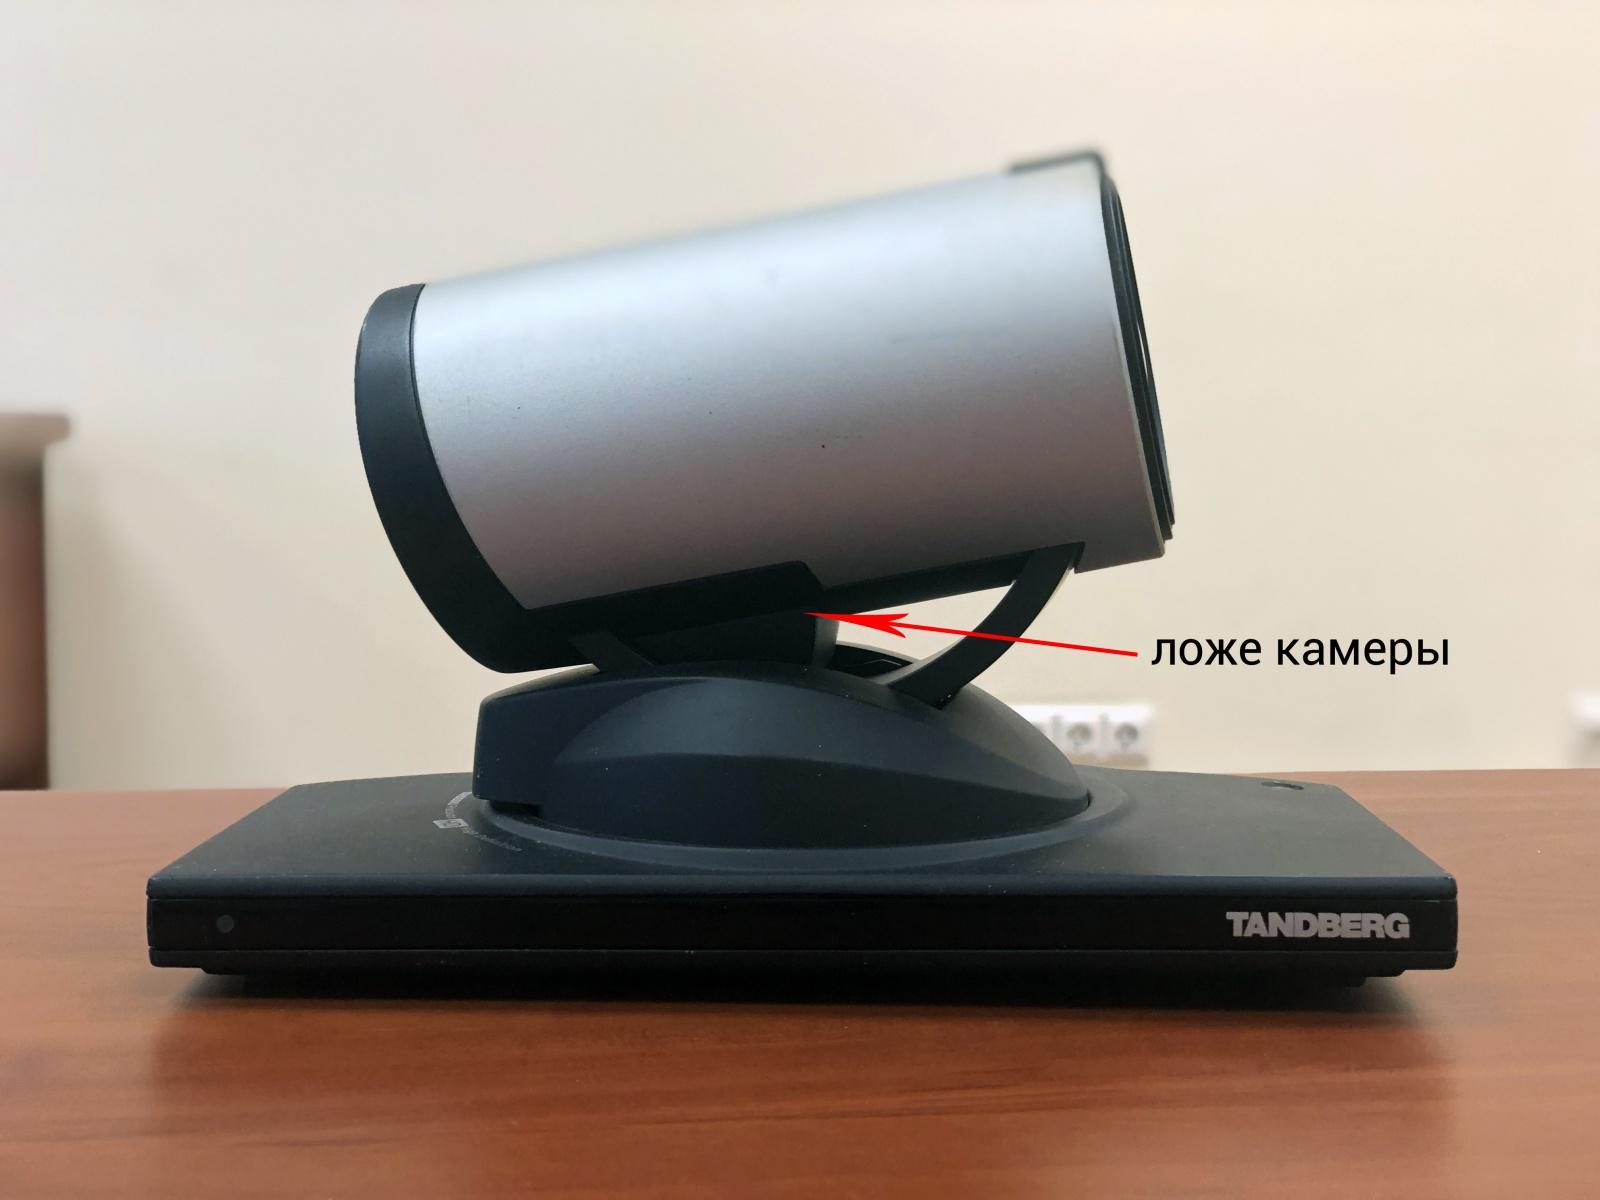 Разбор PTZ-камеры: что внутри и как это работает - 4